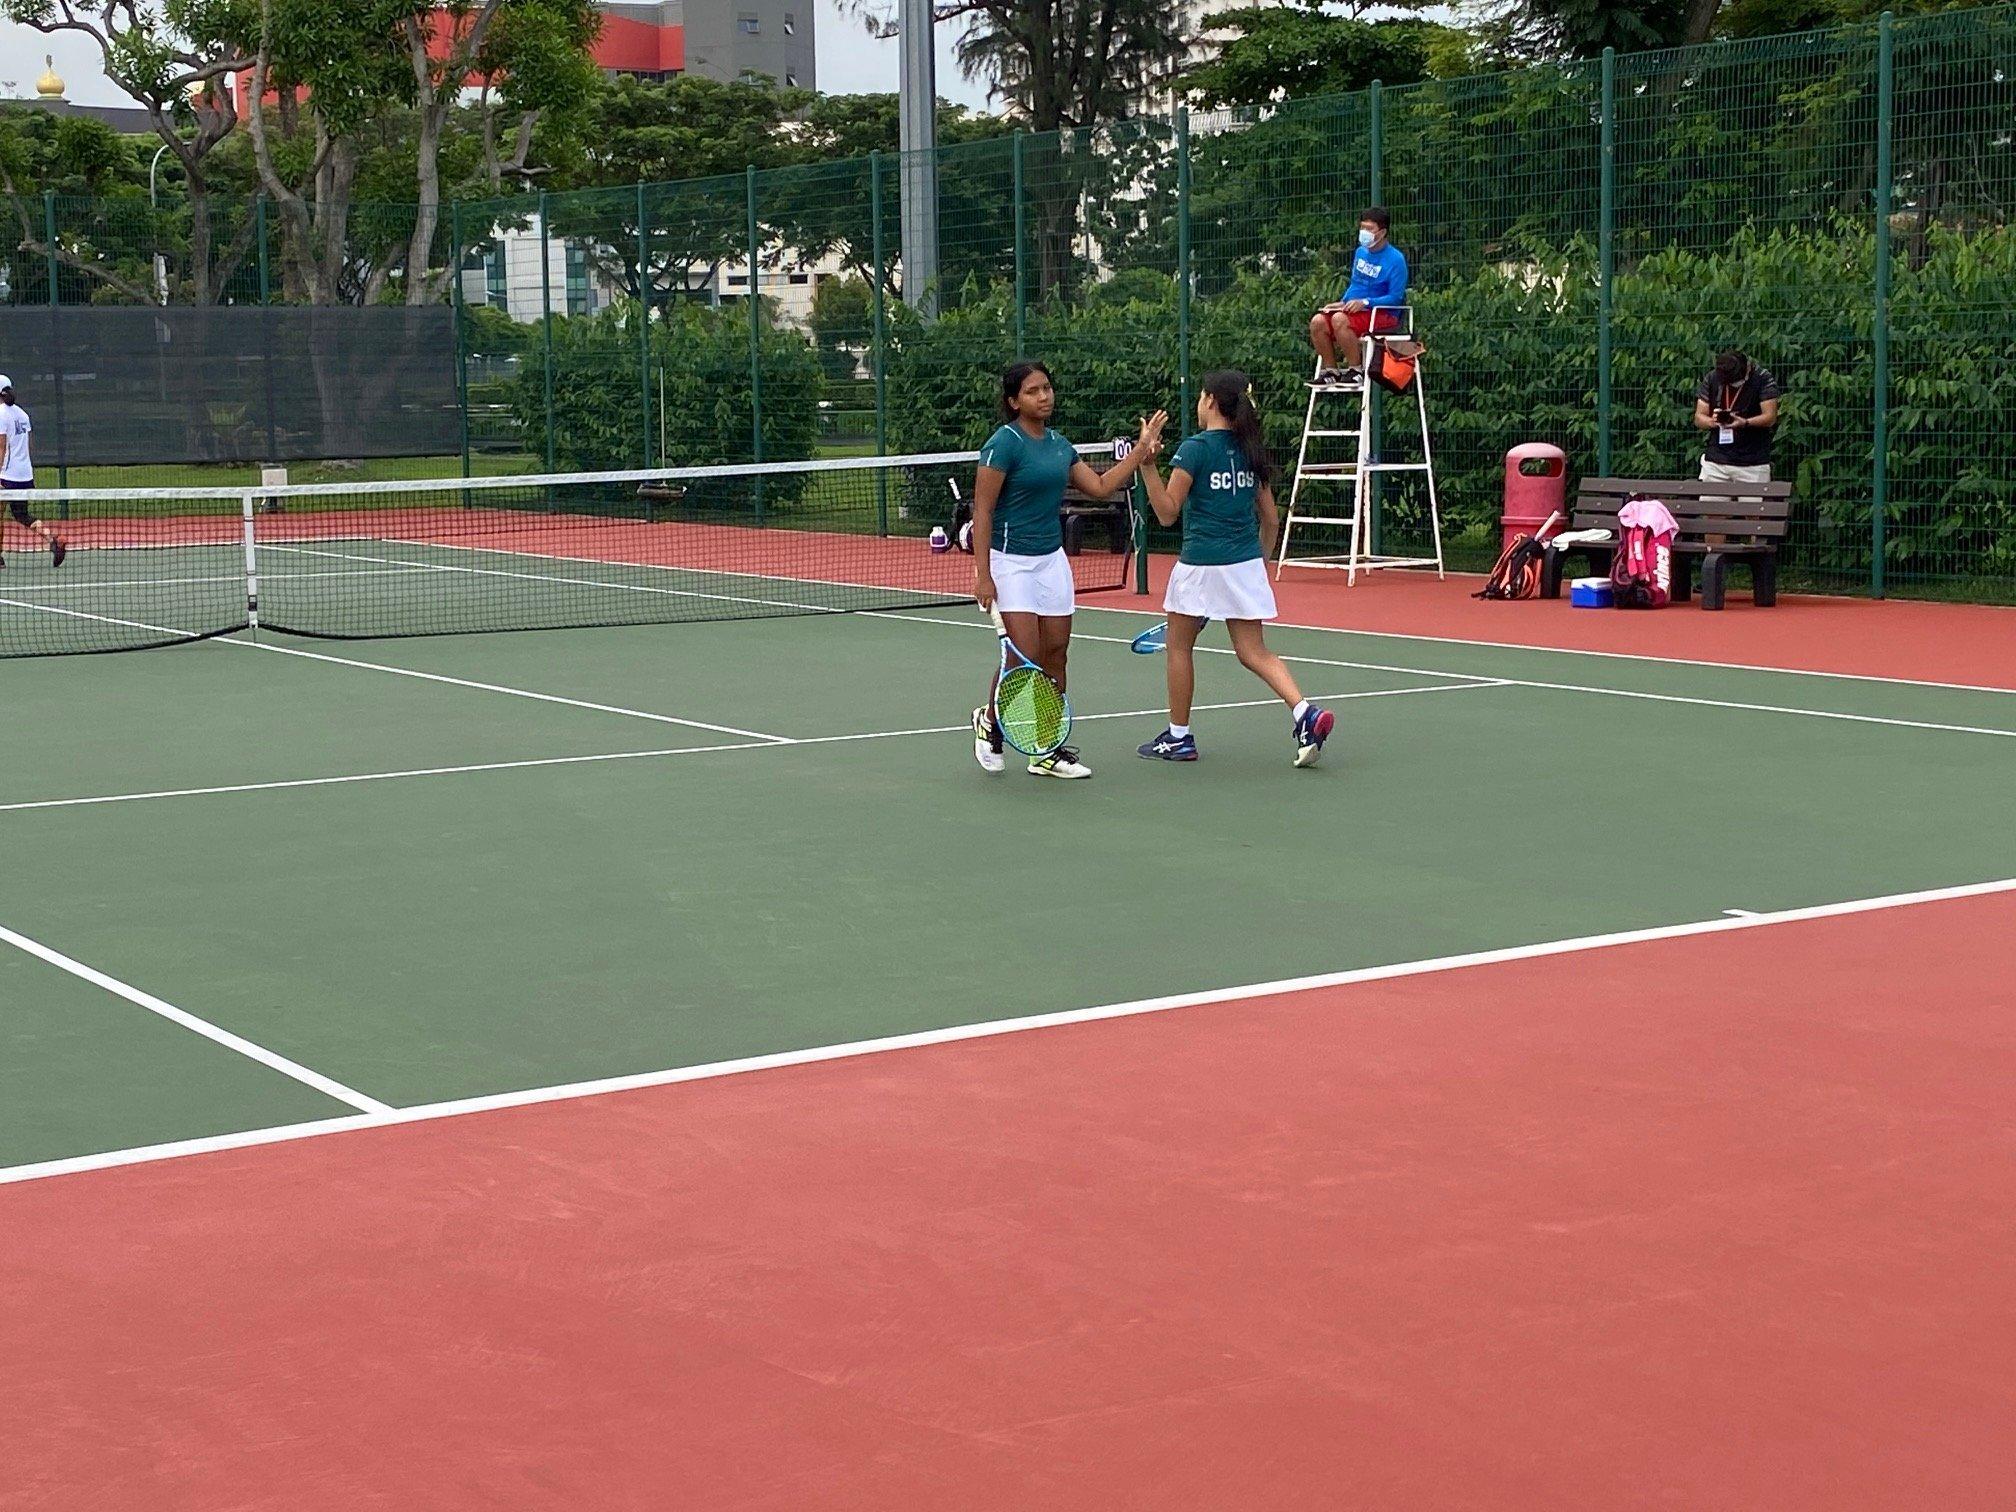 NSG B Div girls tennis final - SCGS second doubles pair